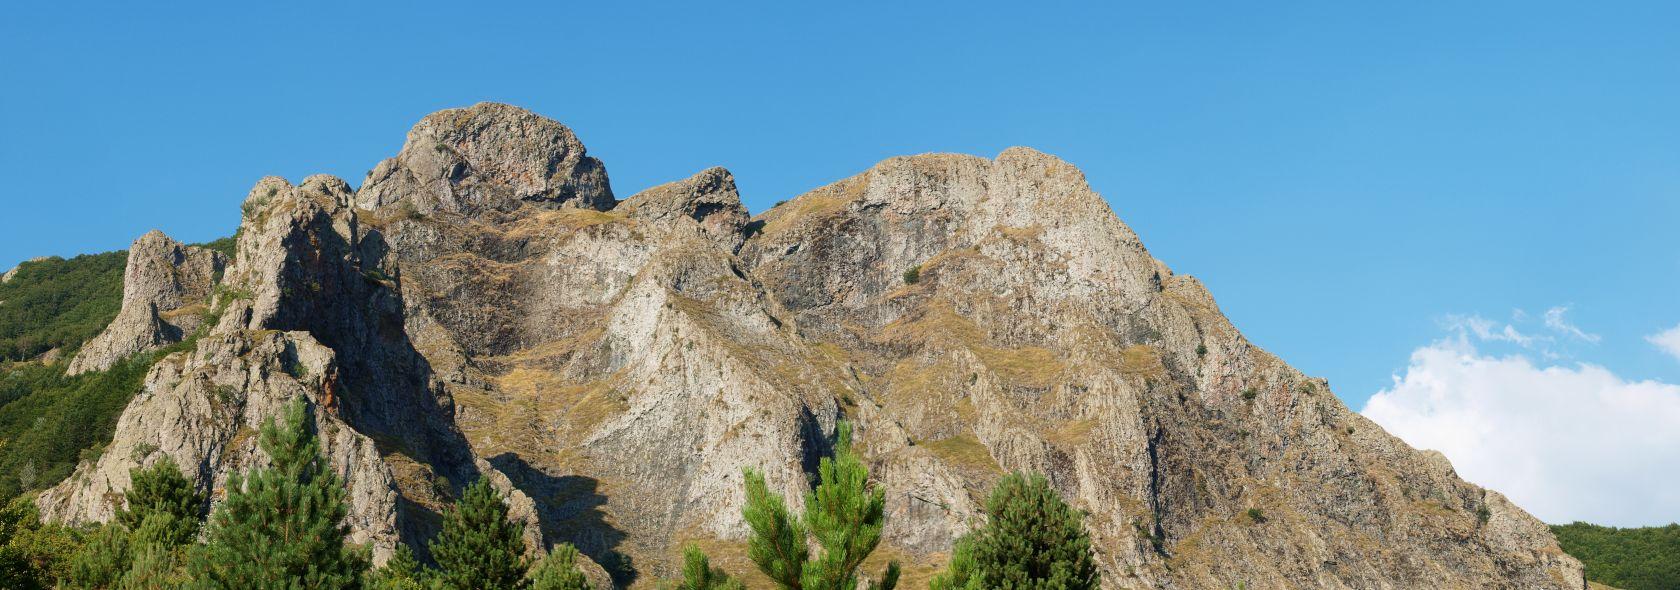 Alta Via monte Groppo - Rosso foto E.Monaci